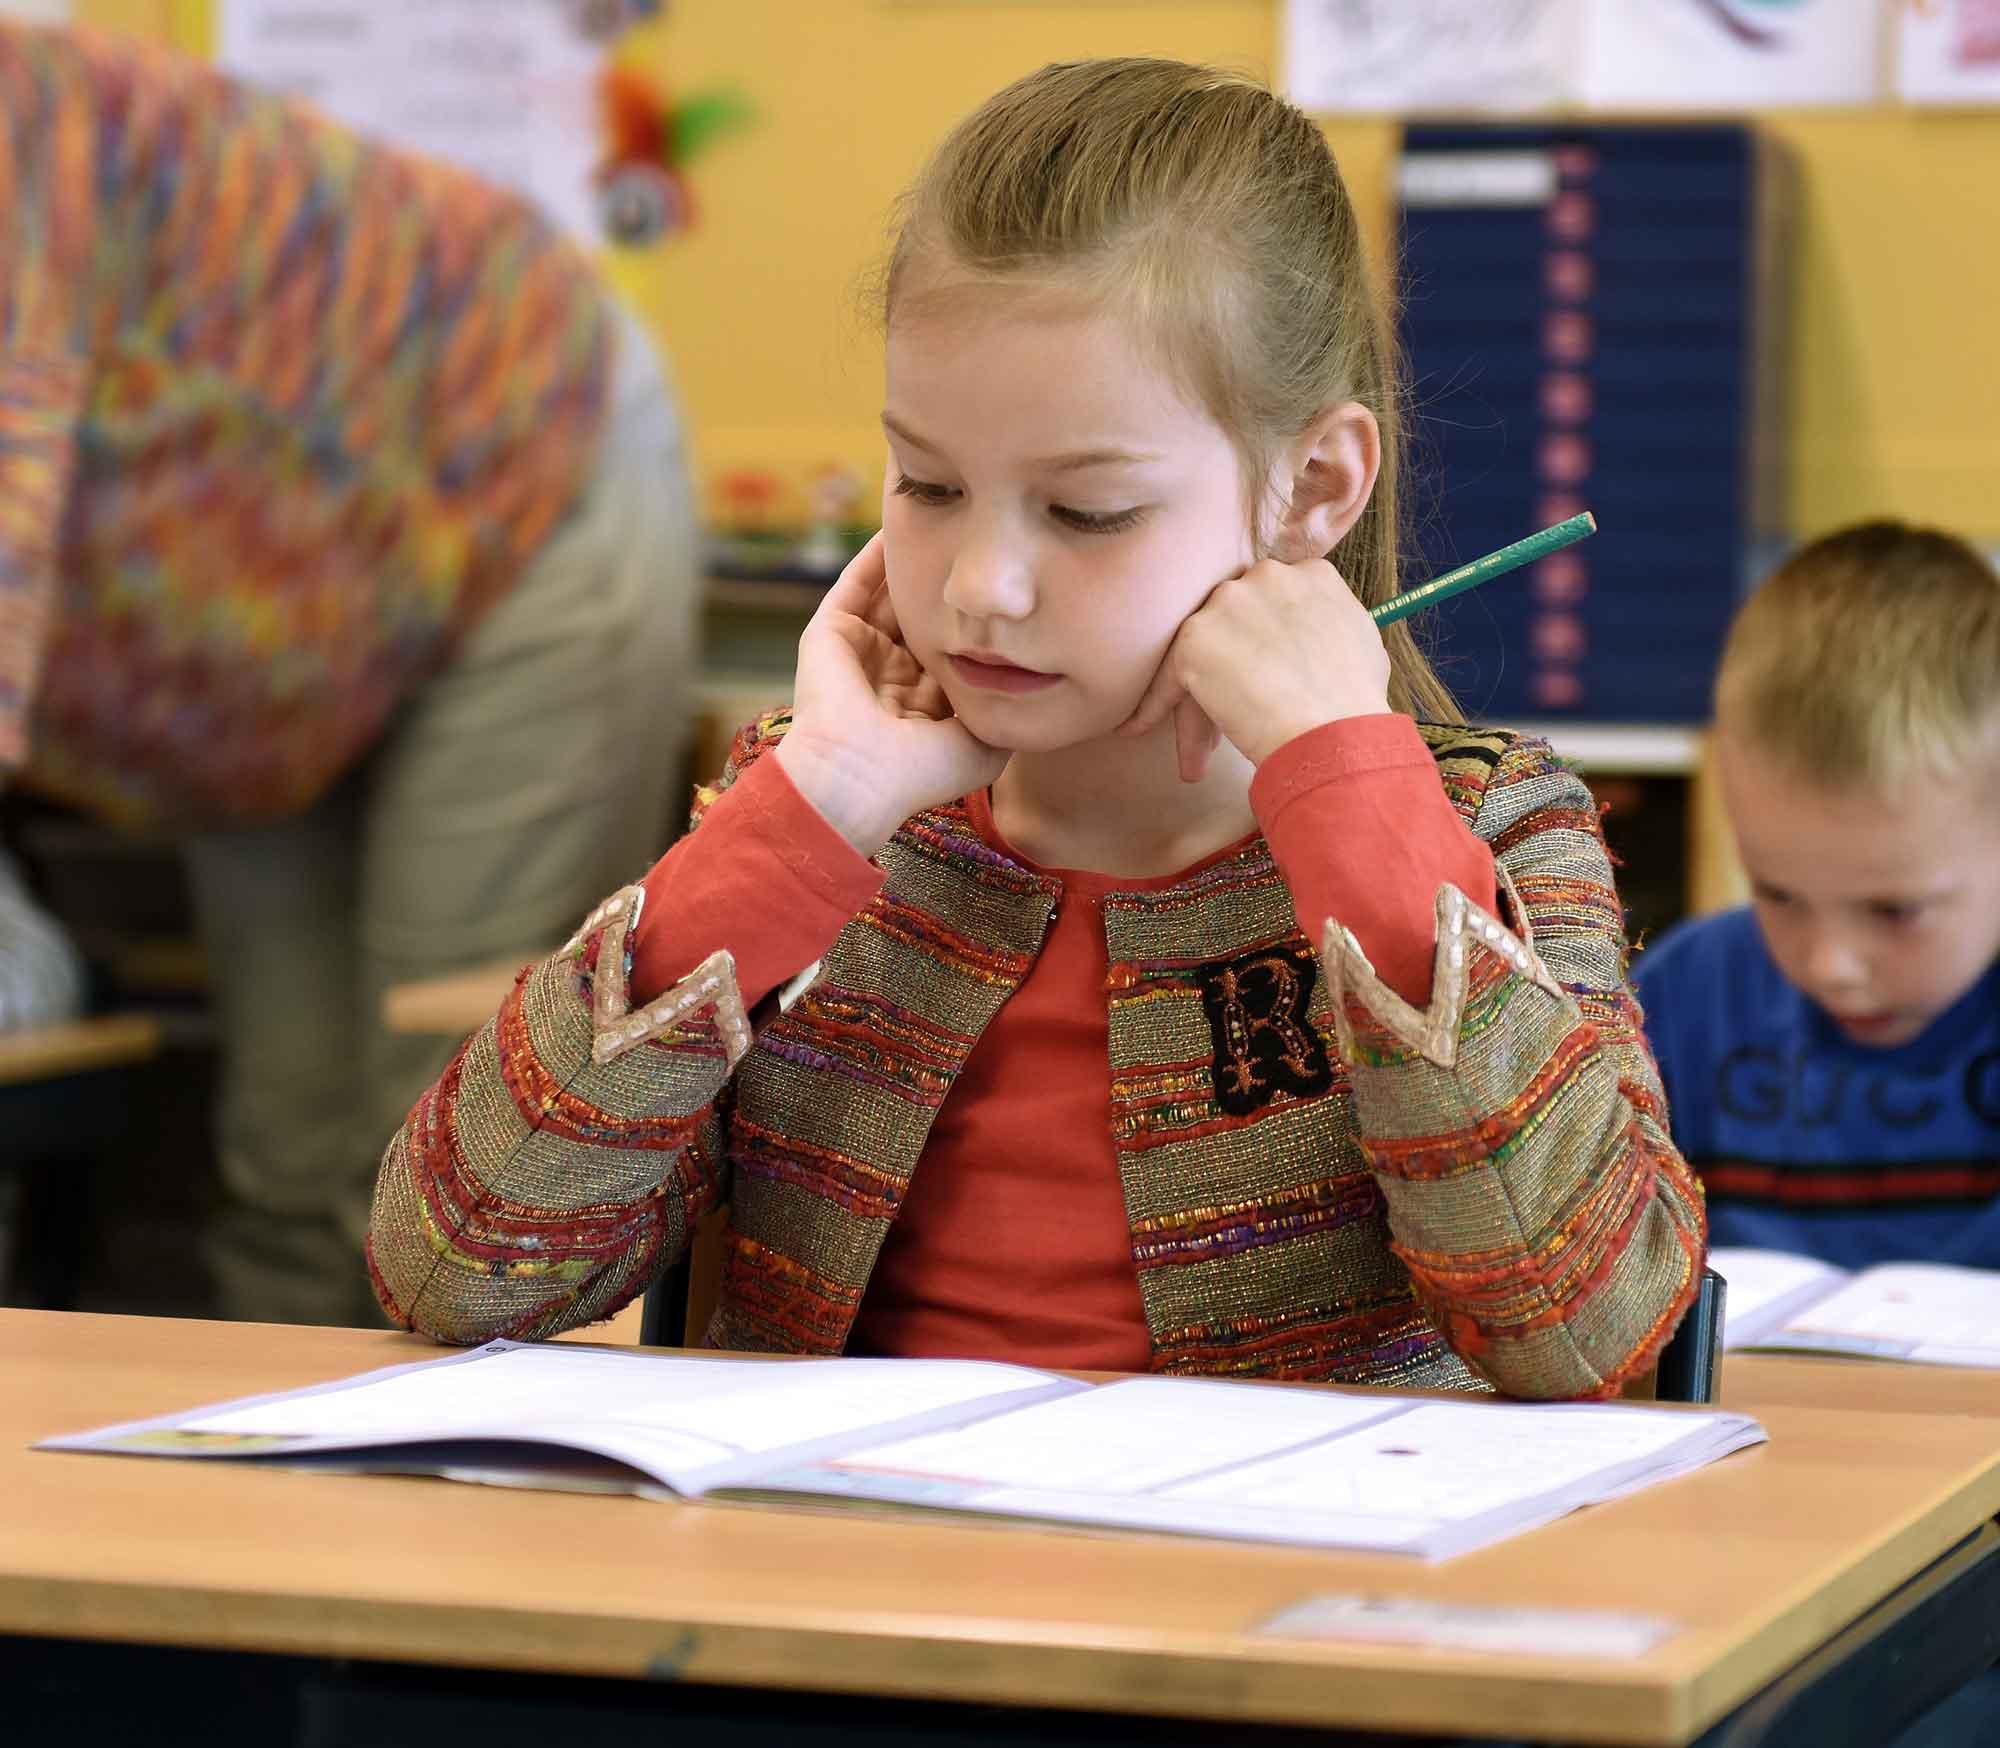 Schulstart: Tispps und tolle ideen für einen entspannten Schulstart